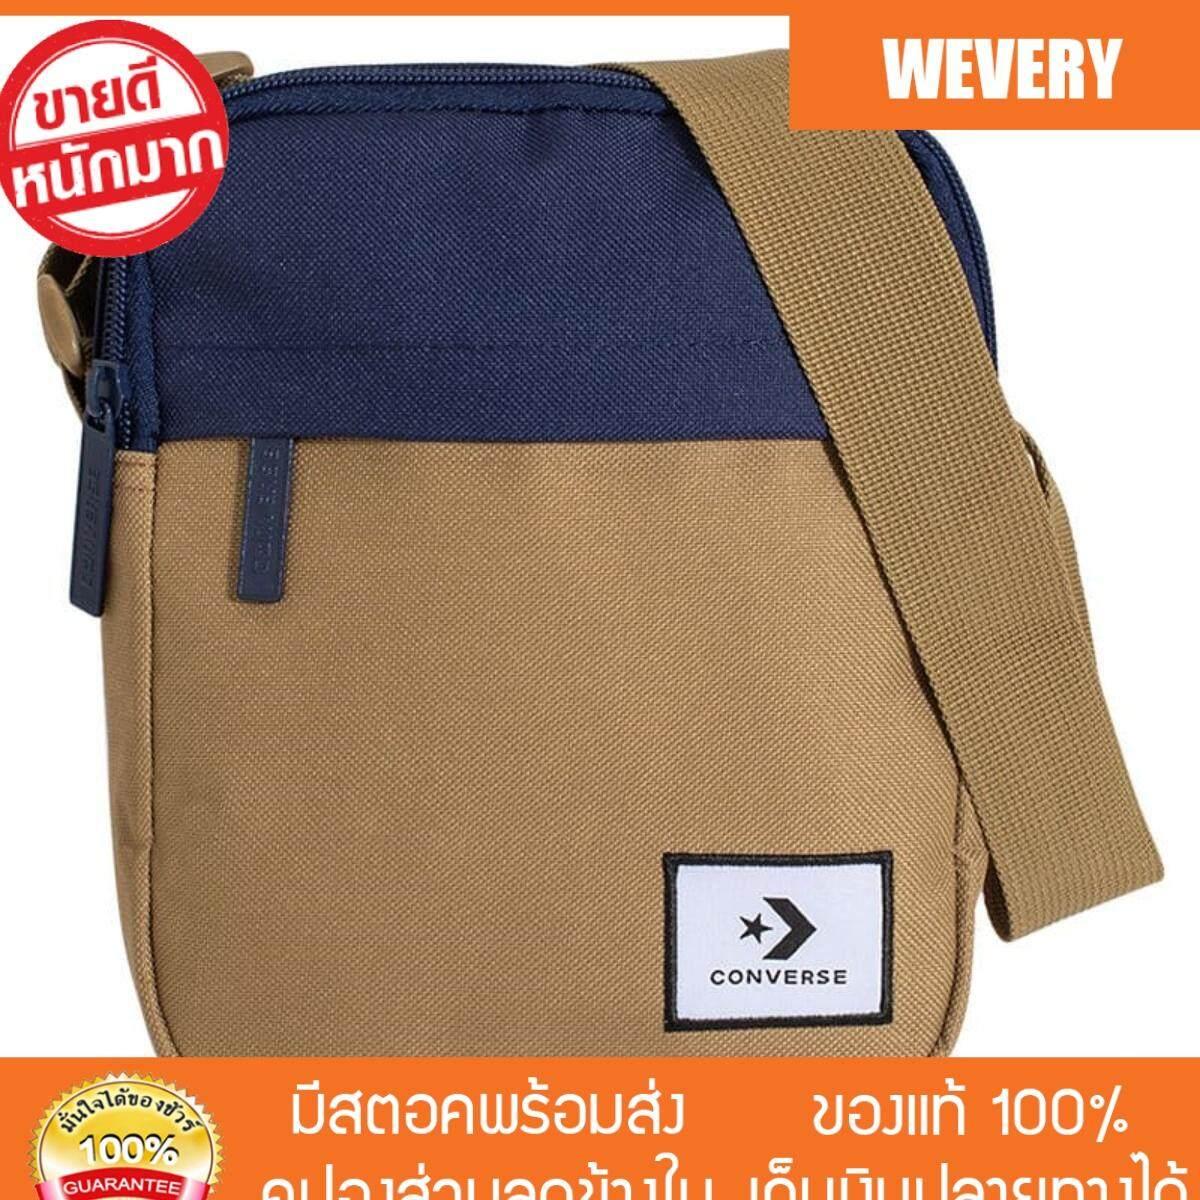 สุดยอดสินค้า!! [Wevery]- Converse กระเป๋าสะพายข้าง รุ่น Gratify Mini สีกรมท่า กระเป๋าแฟชั่น กระเป๋าแฟชั้น กระเป๋าผู้หญิง เป้สะพายข้าง กระเป๋าสะพายconverse สะพายข้าง ส่ง Kerry เก็บปลายทางได้